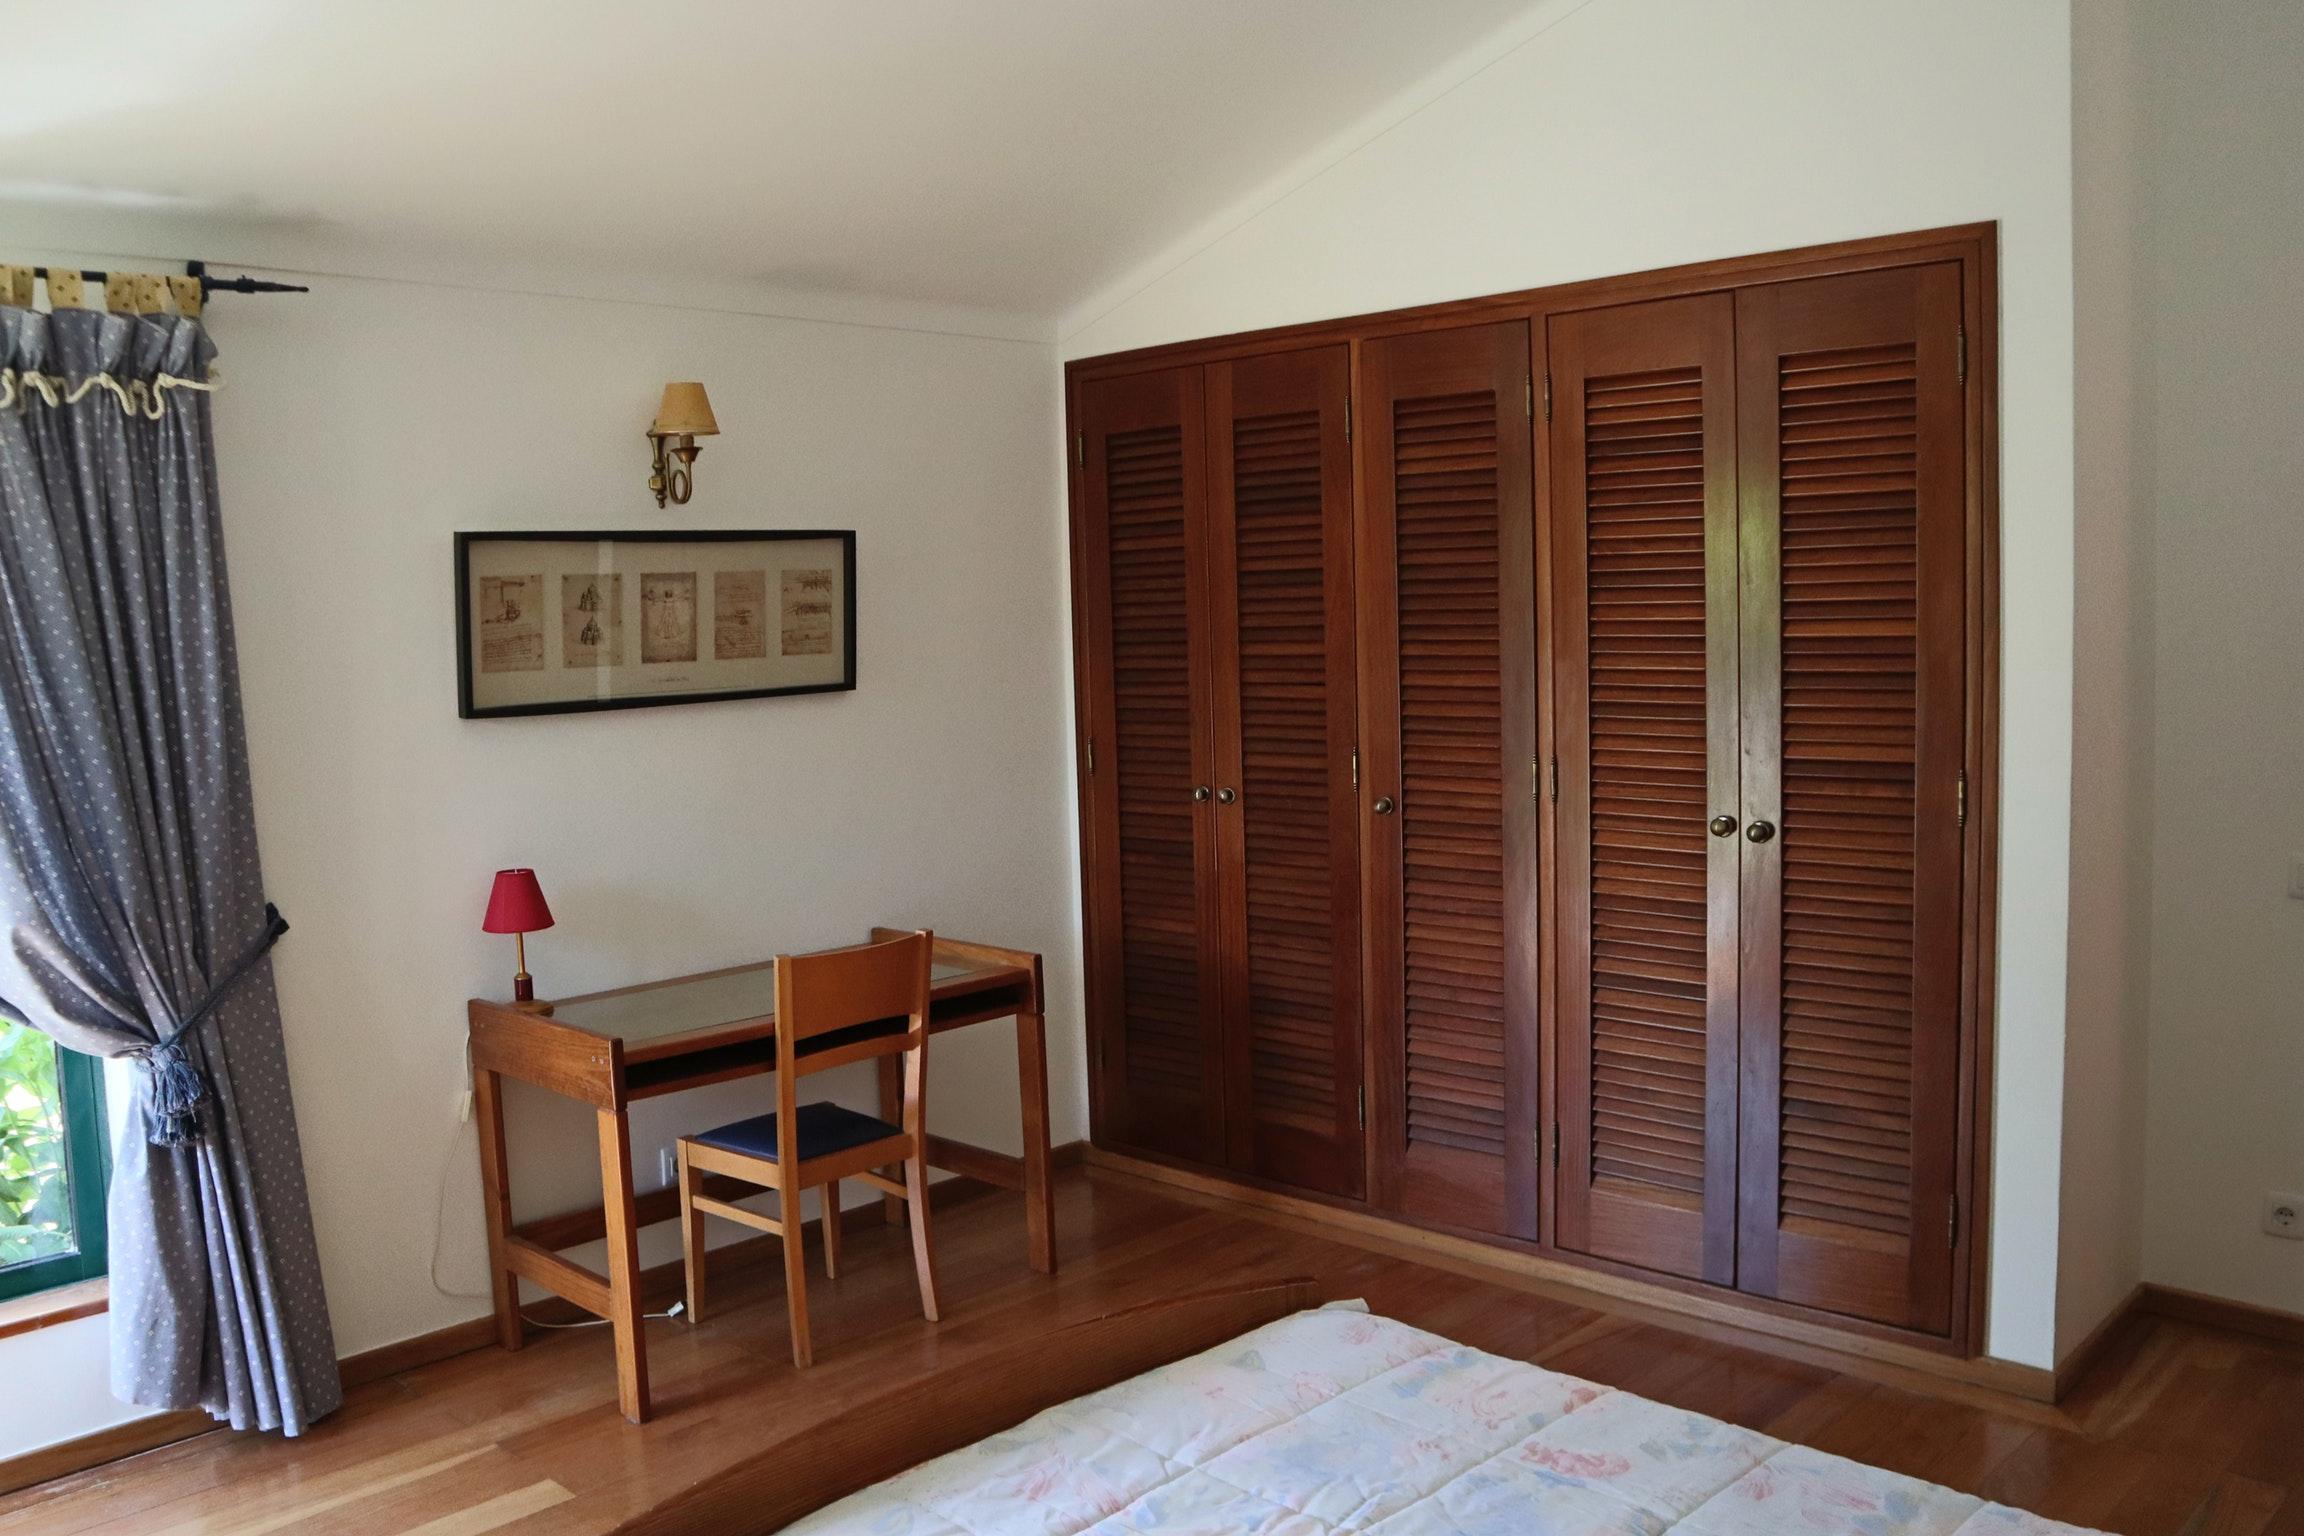 Ferienhaus Villa mit 4 Schlafzimmern in Praia de Mira mit privatem Pool, eingezäuntem Garten und W-LA (2623071), Praia de Mira, Costa de Prata, Zentral-Portugal, Portugal, Bild 25